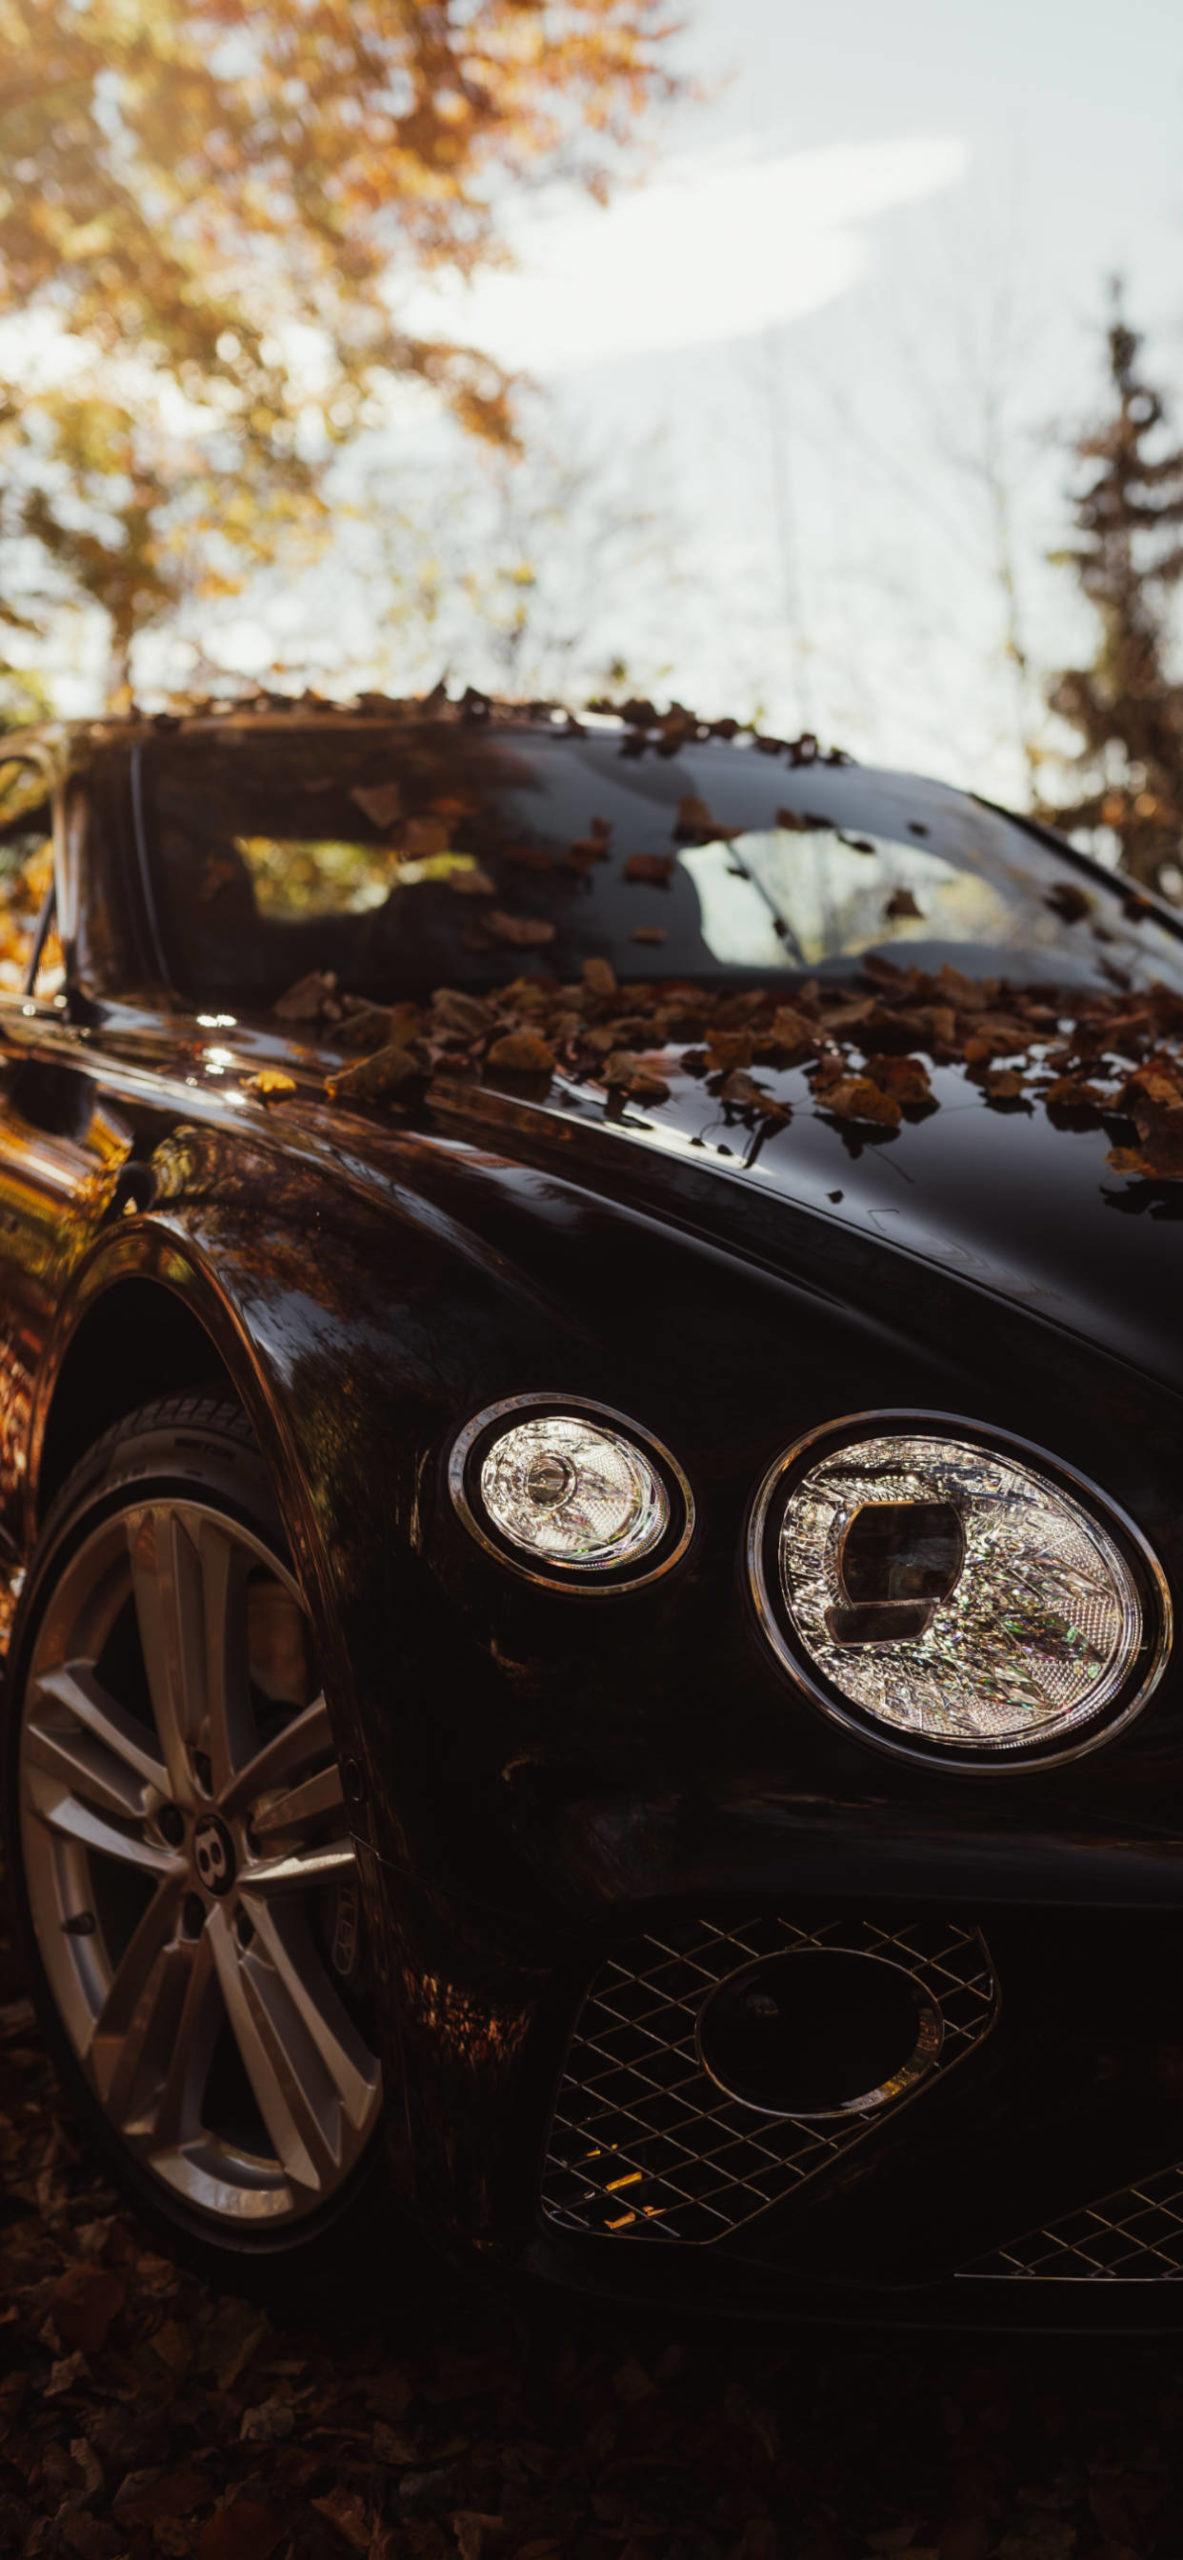 iPhone wallpapers bentley tires ligths scaled Bentley